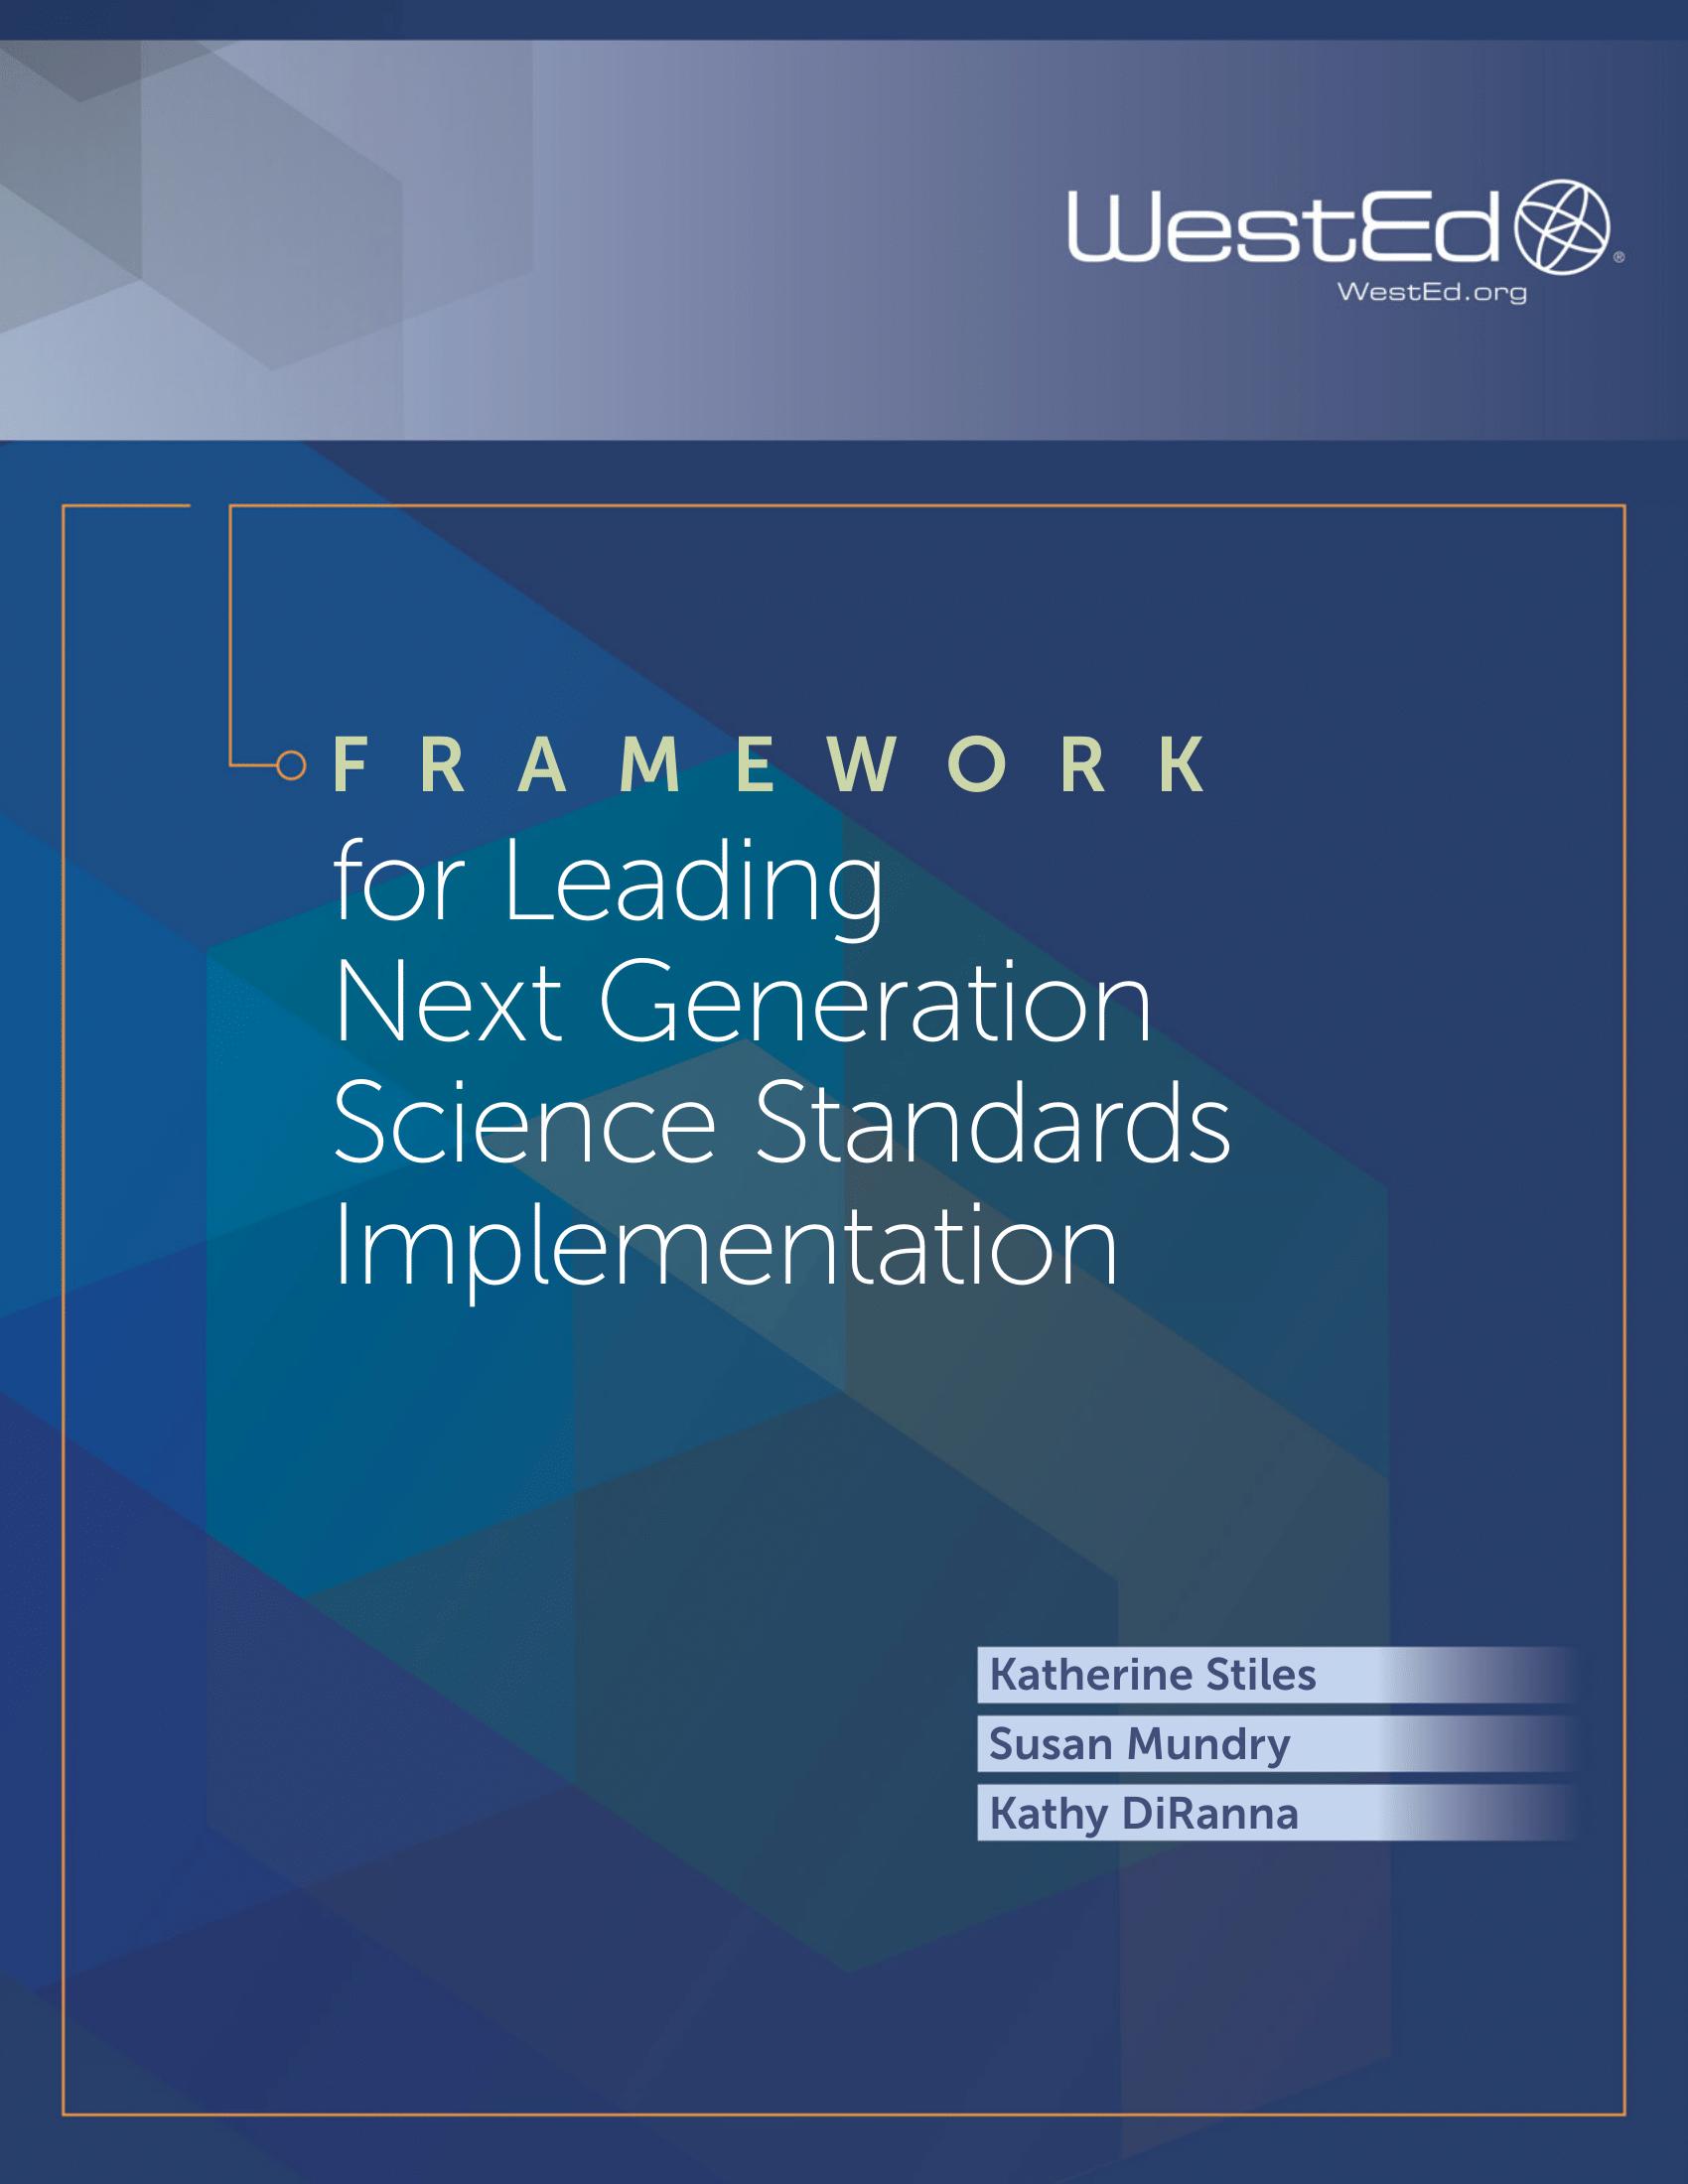 Framework for Leading Next Generation Science Standards Implementation